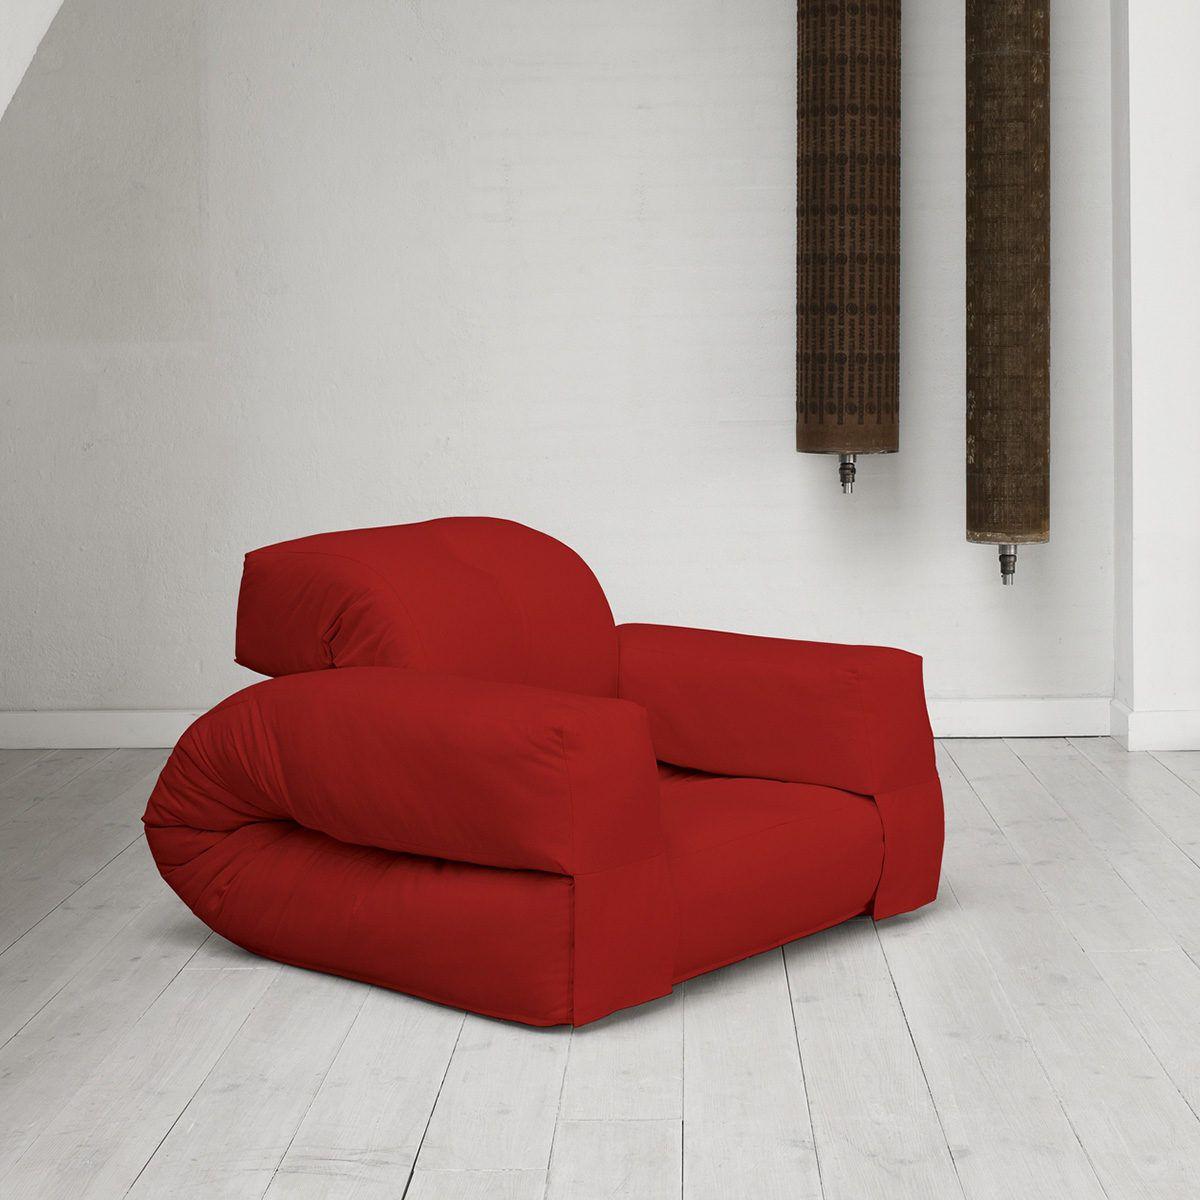 Poltrona letto futon hippo chair karup lettogiapponese com - Poltrona letto prezzo ...